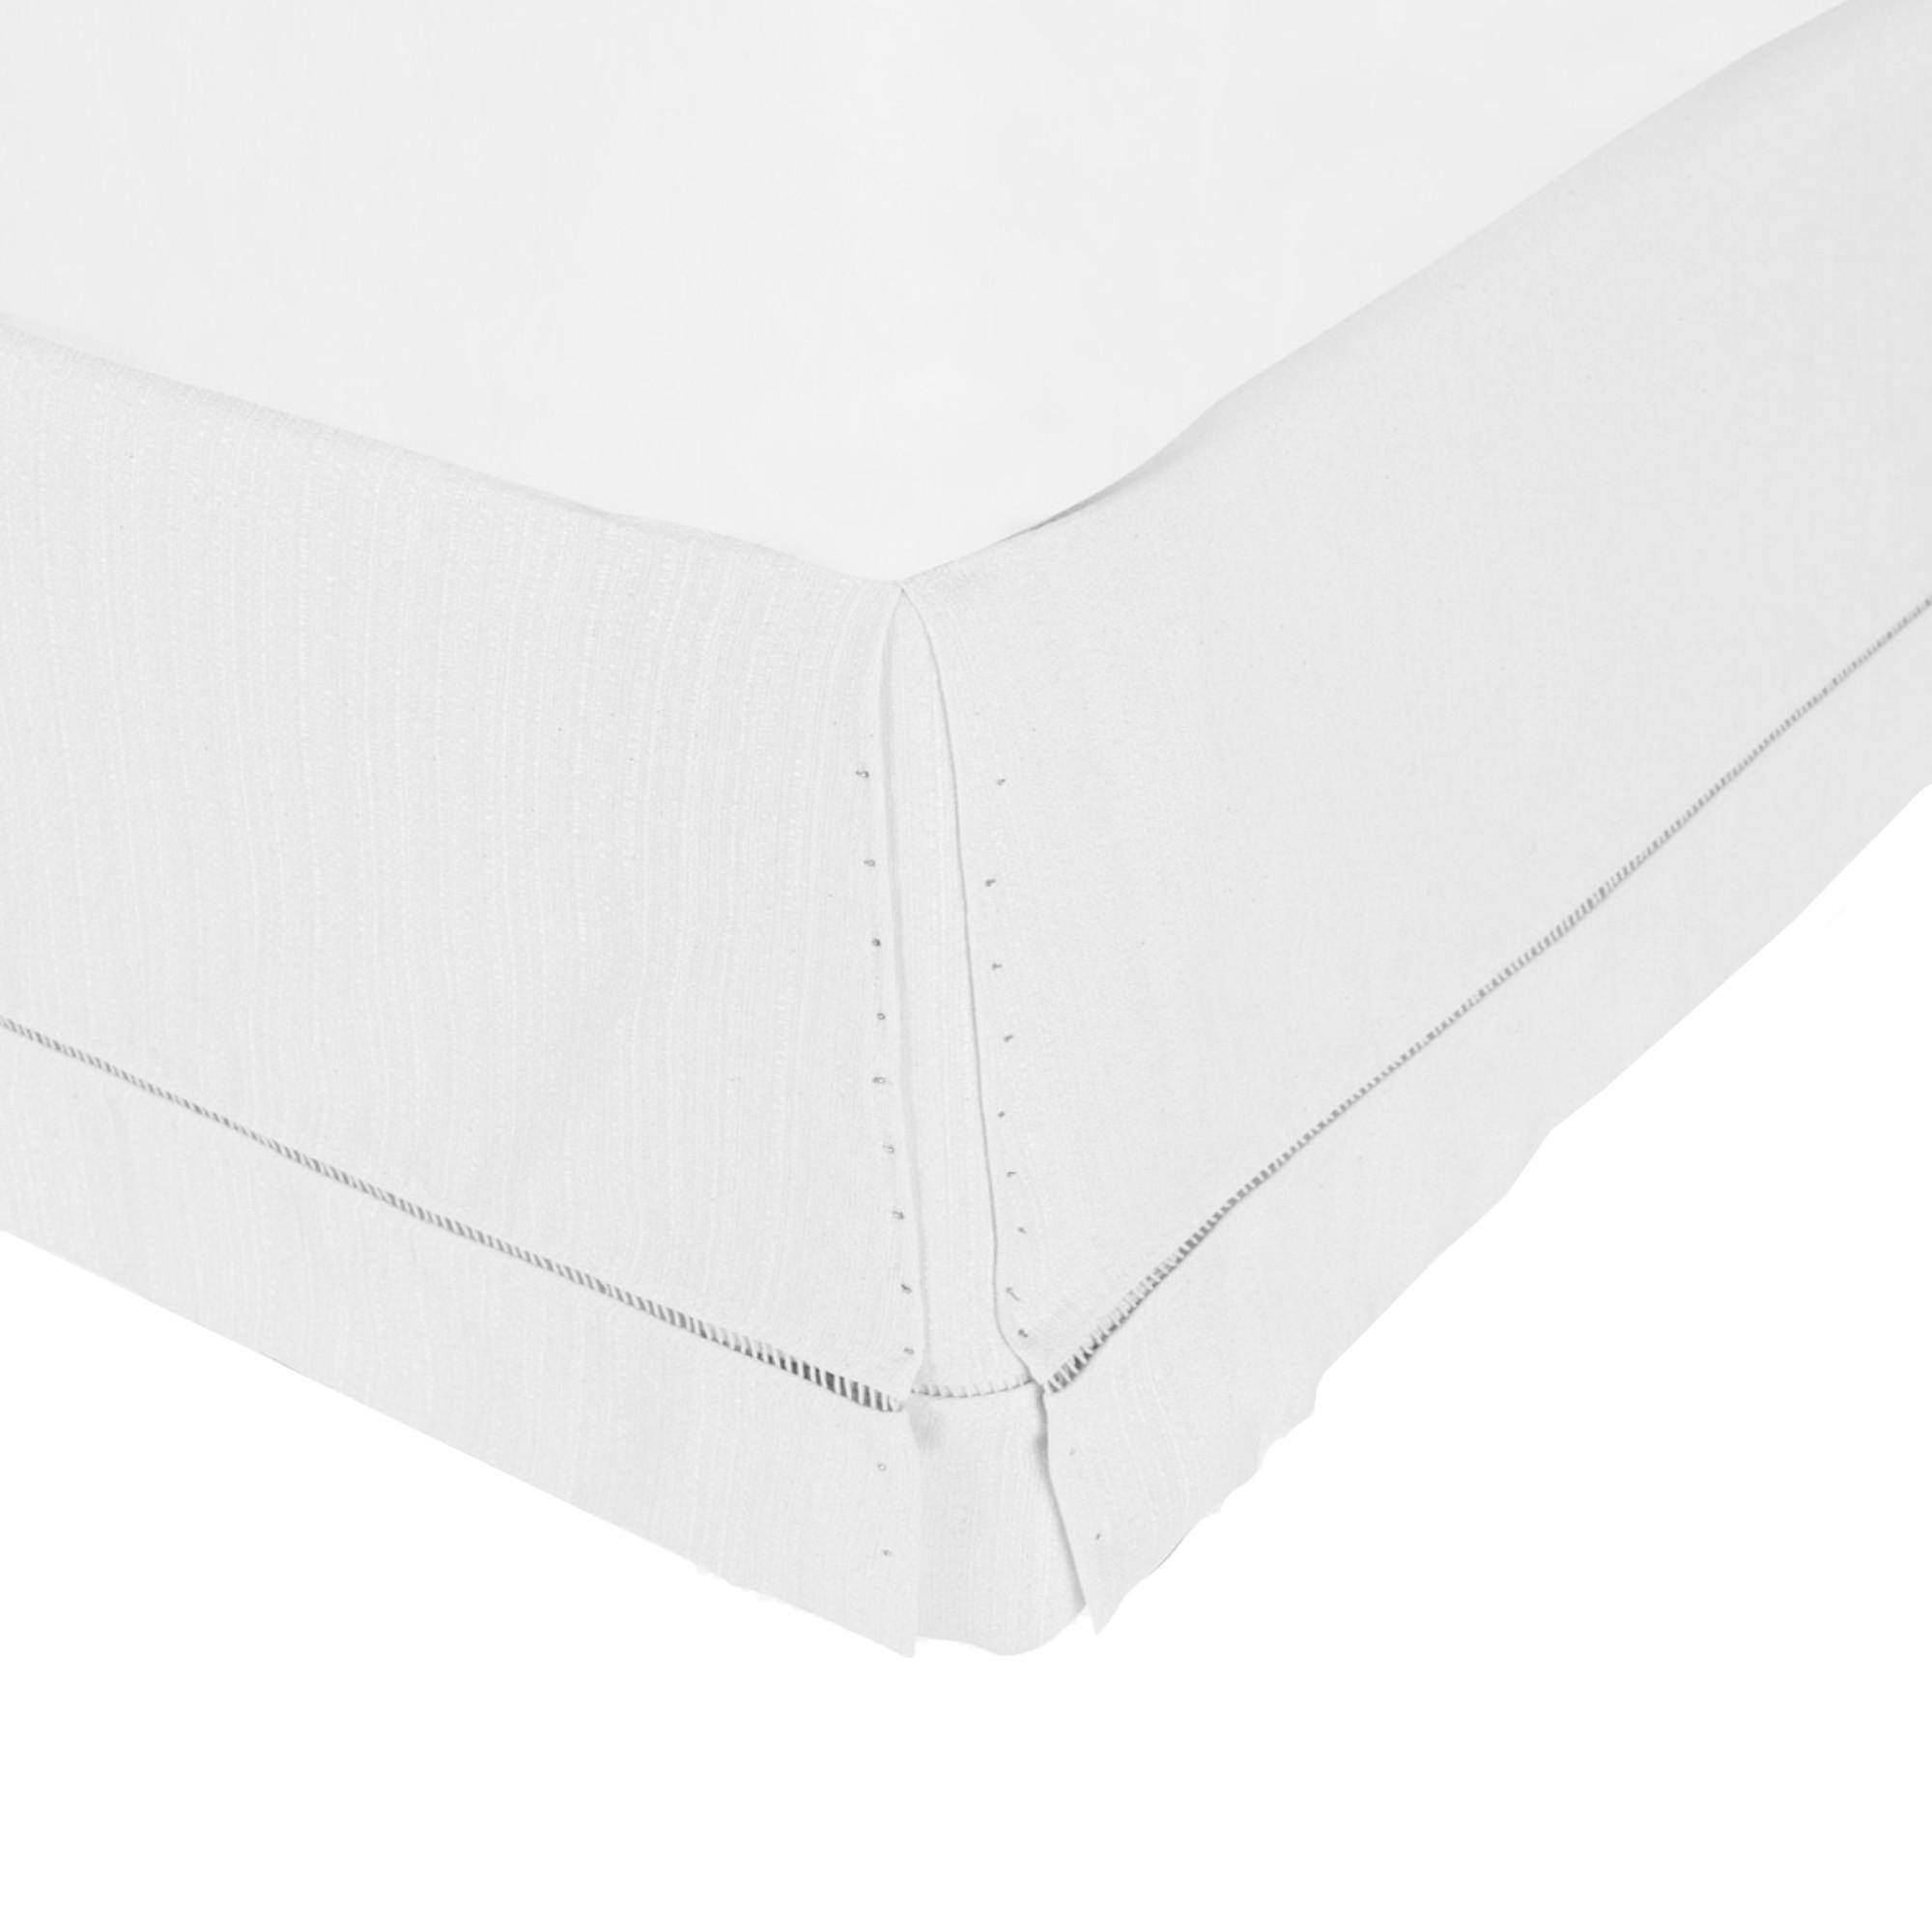 Saia para Cama Box com Ponto Palito Branca [Casal 138 x 188 cm]